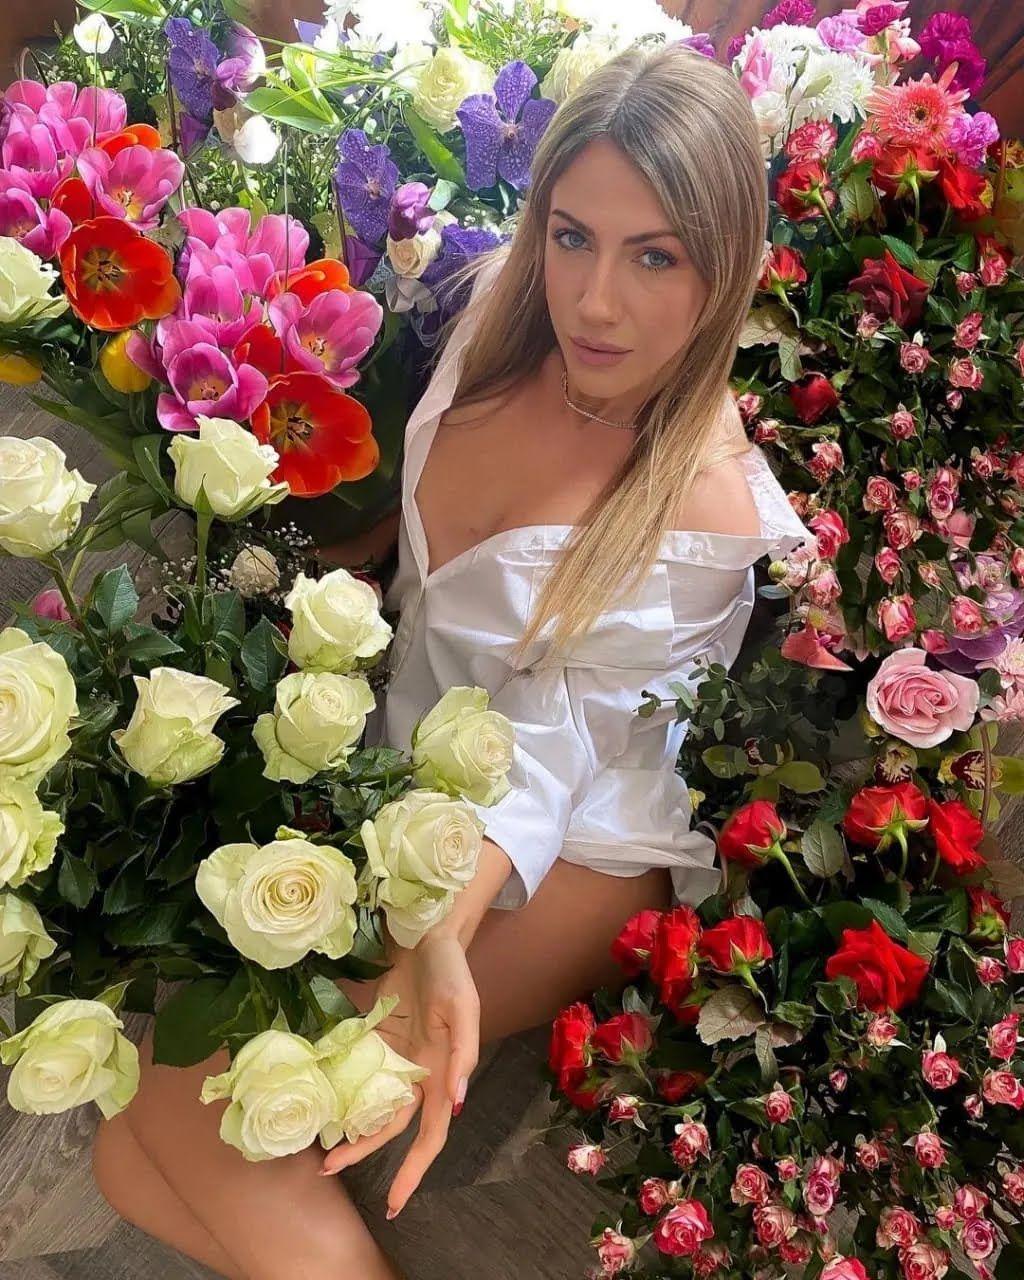 Никитюк в сексуальном наряде похвасталась весенними подарками.